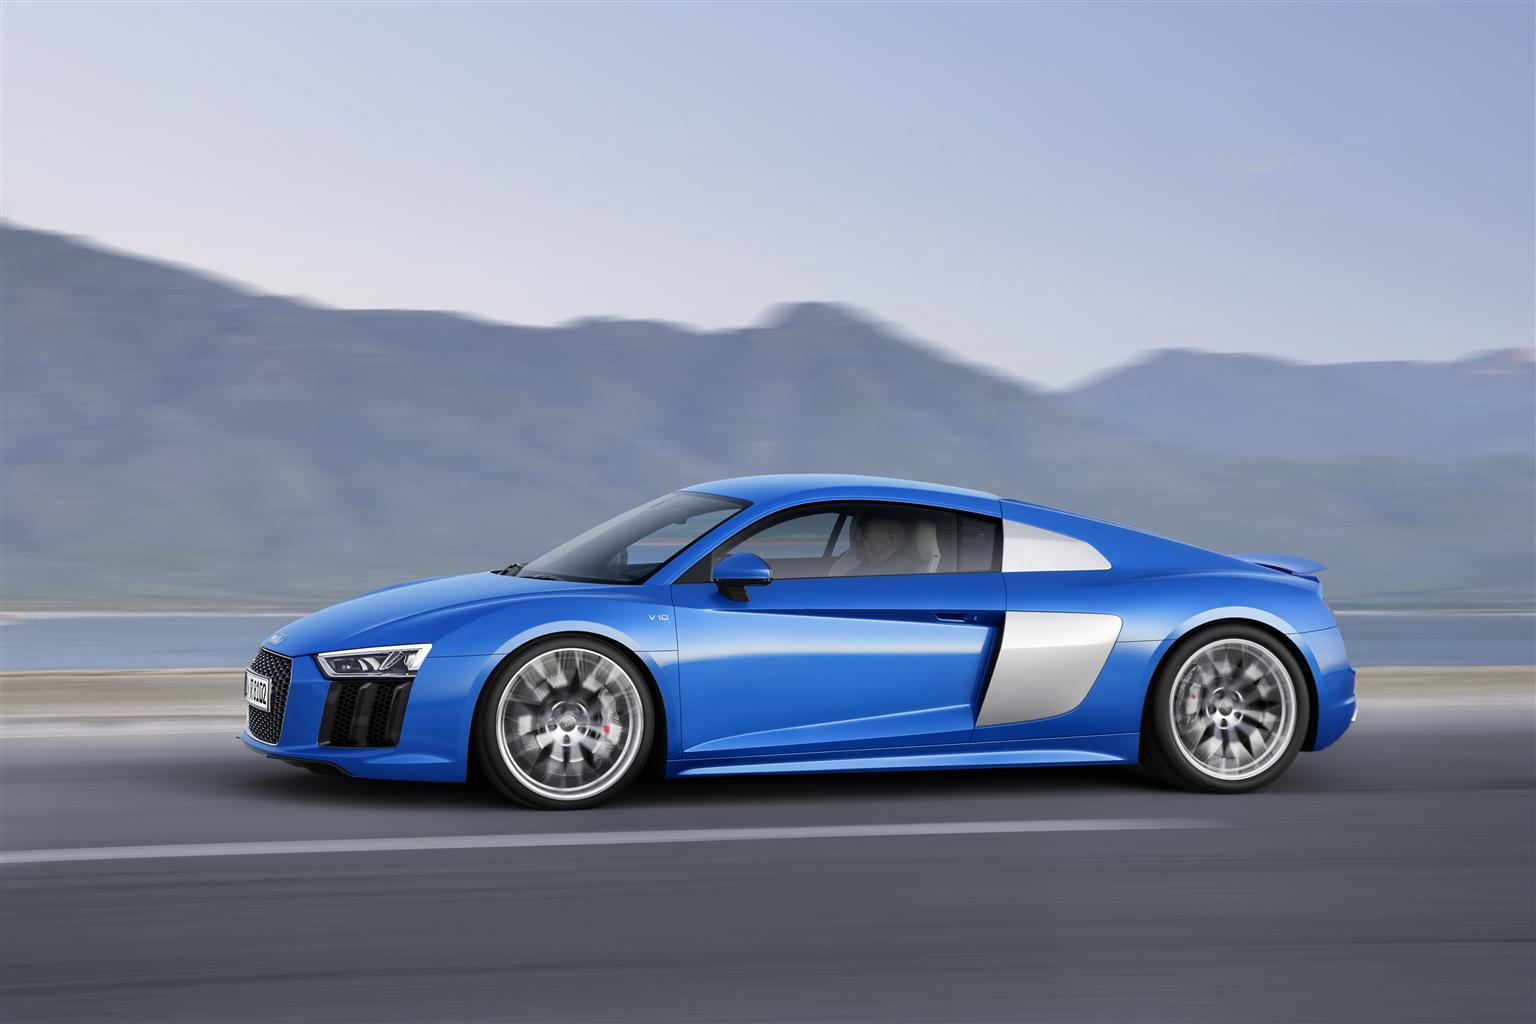 Nuova Audi R8 Coupé competitor, prezzo e prestazioni 3